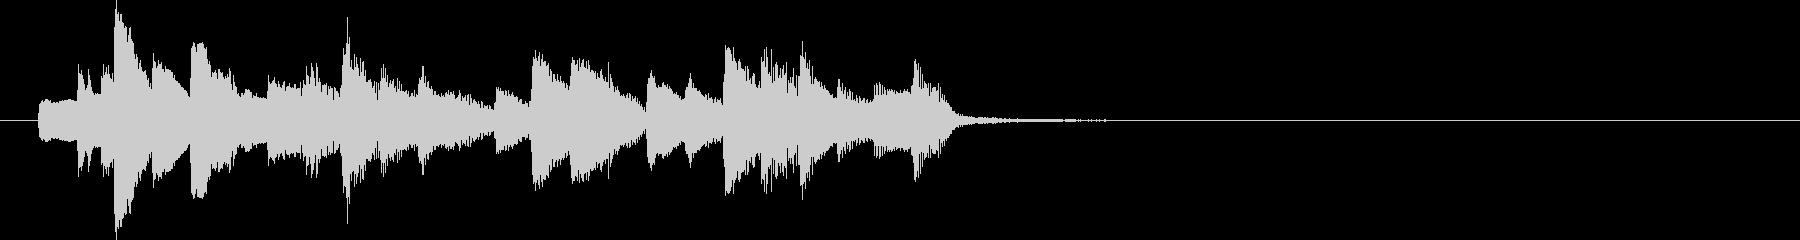 愉快で明るいピアノソロ ジングルの未再生の波形